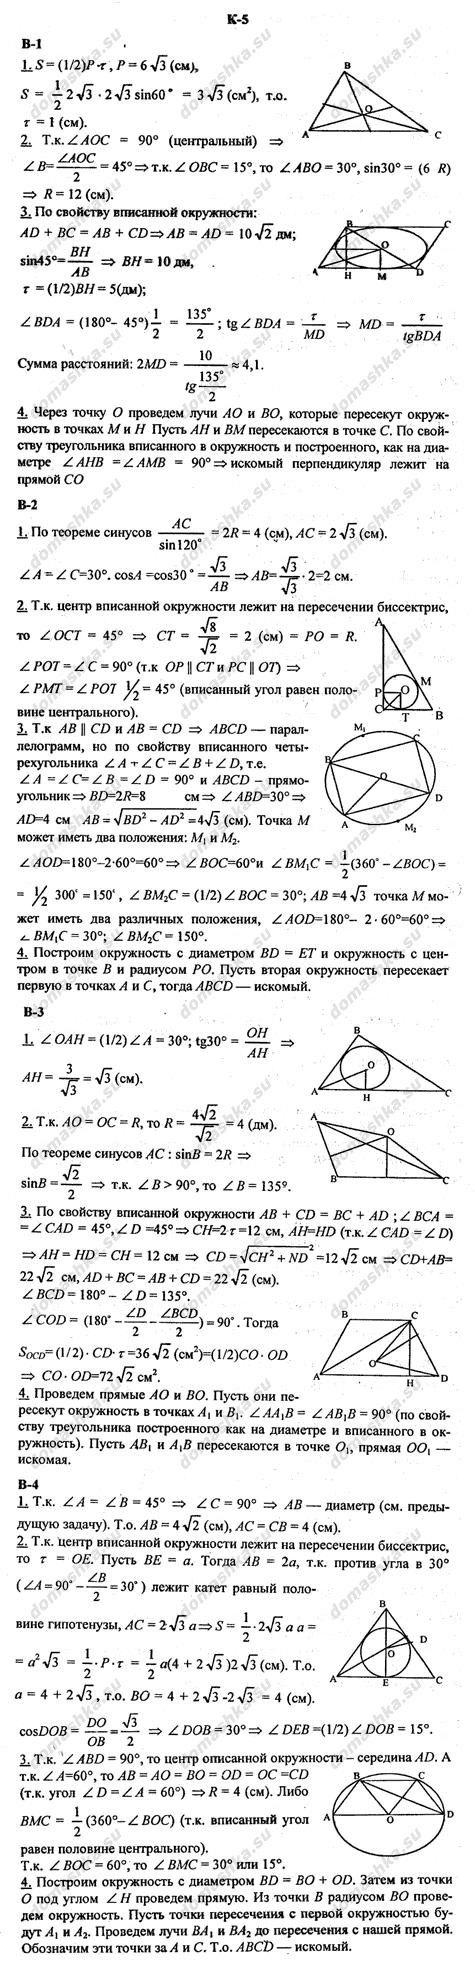 Гдз по дедактические материялы геометрии класса б.г.зив в.м.мейлер